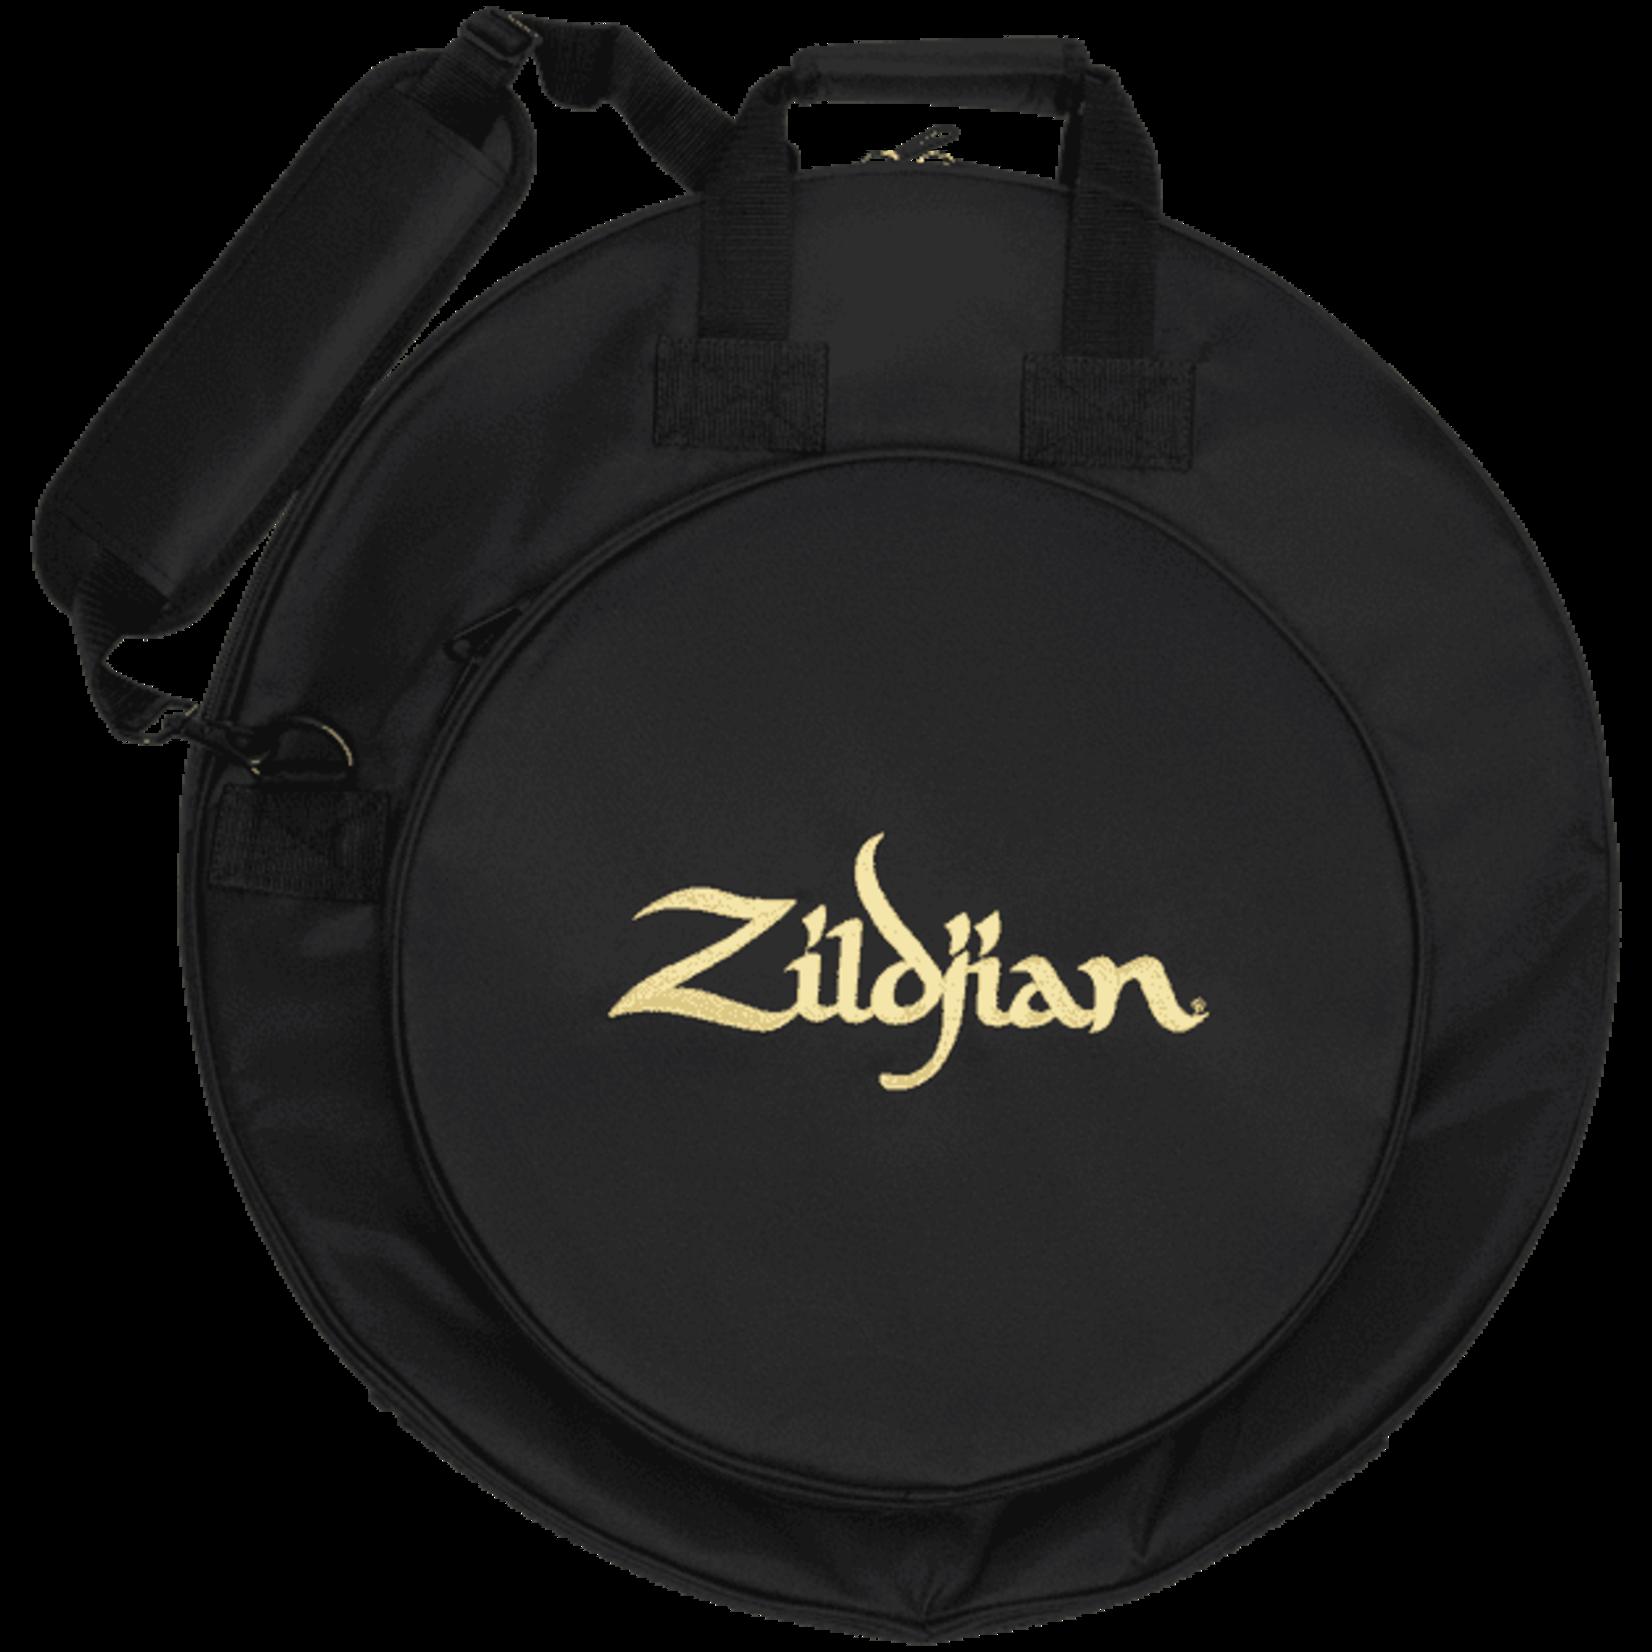 Zildjian Zildjian 22'' Premium Cymbal Bag